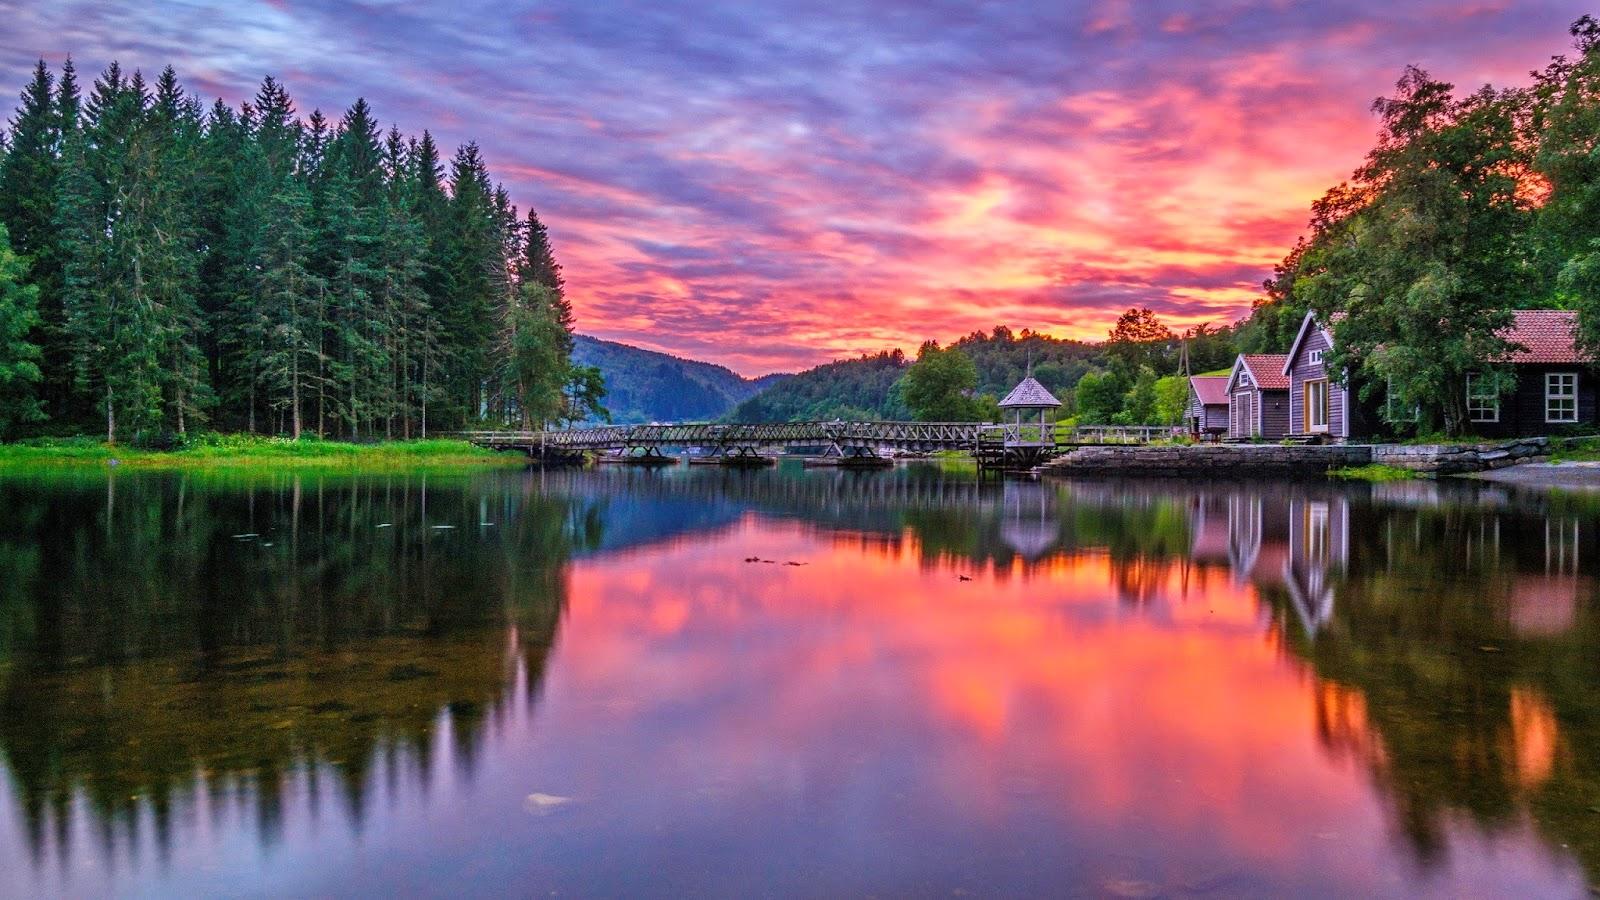 اجمل الصور المناظر الطبيعية في العالم